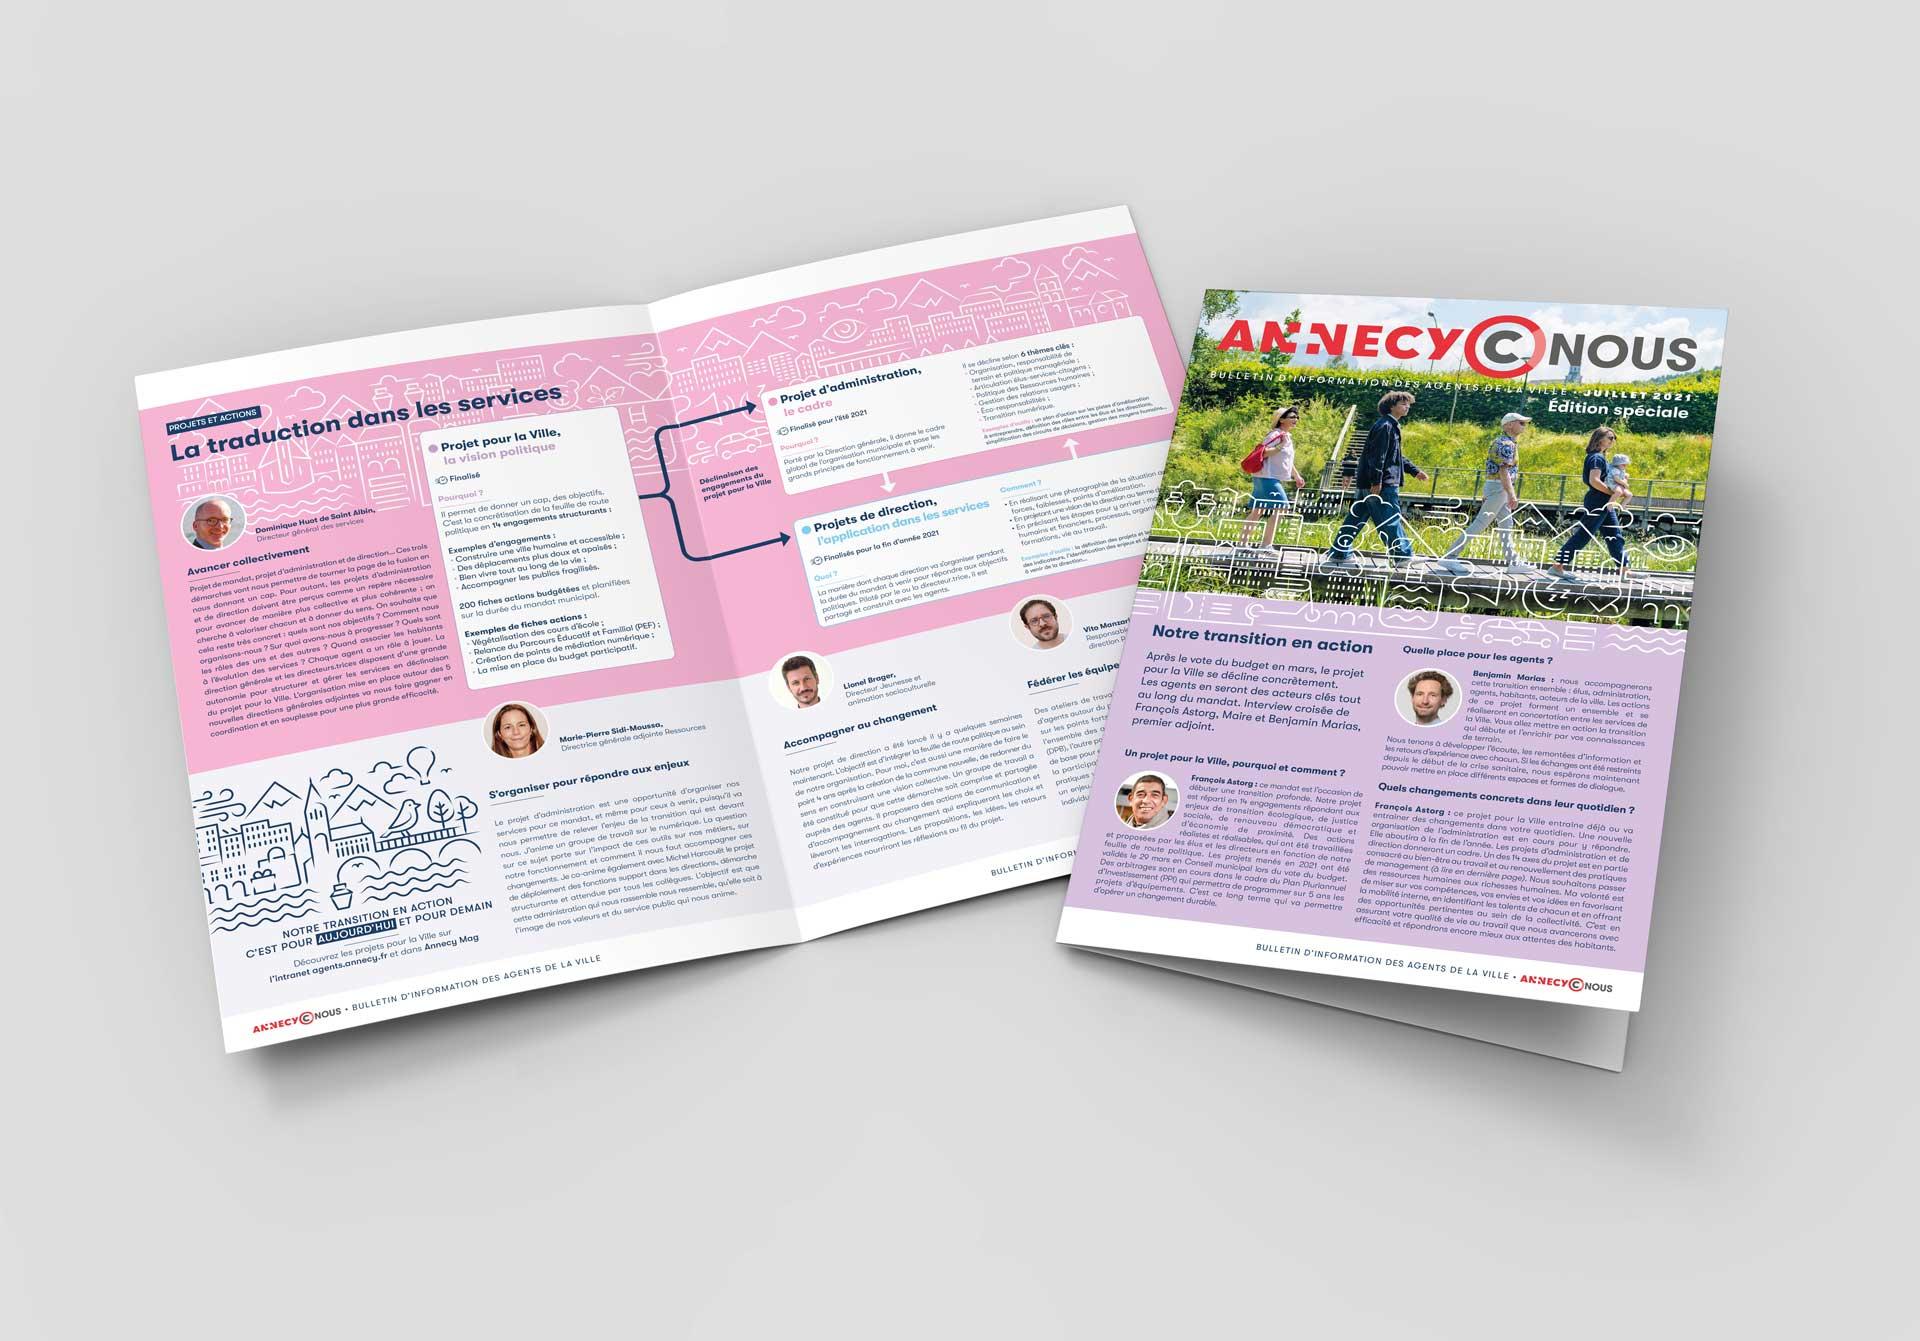 Journal interne des agents de la ville d'Annecy